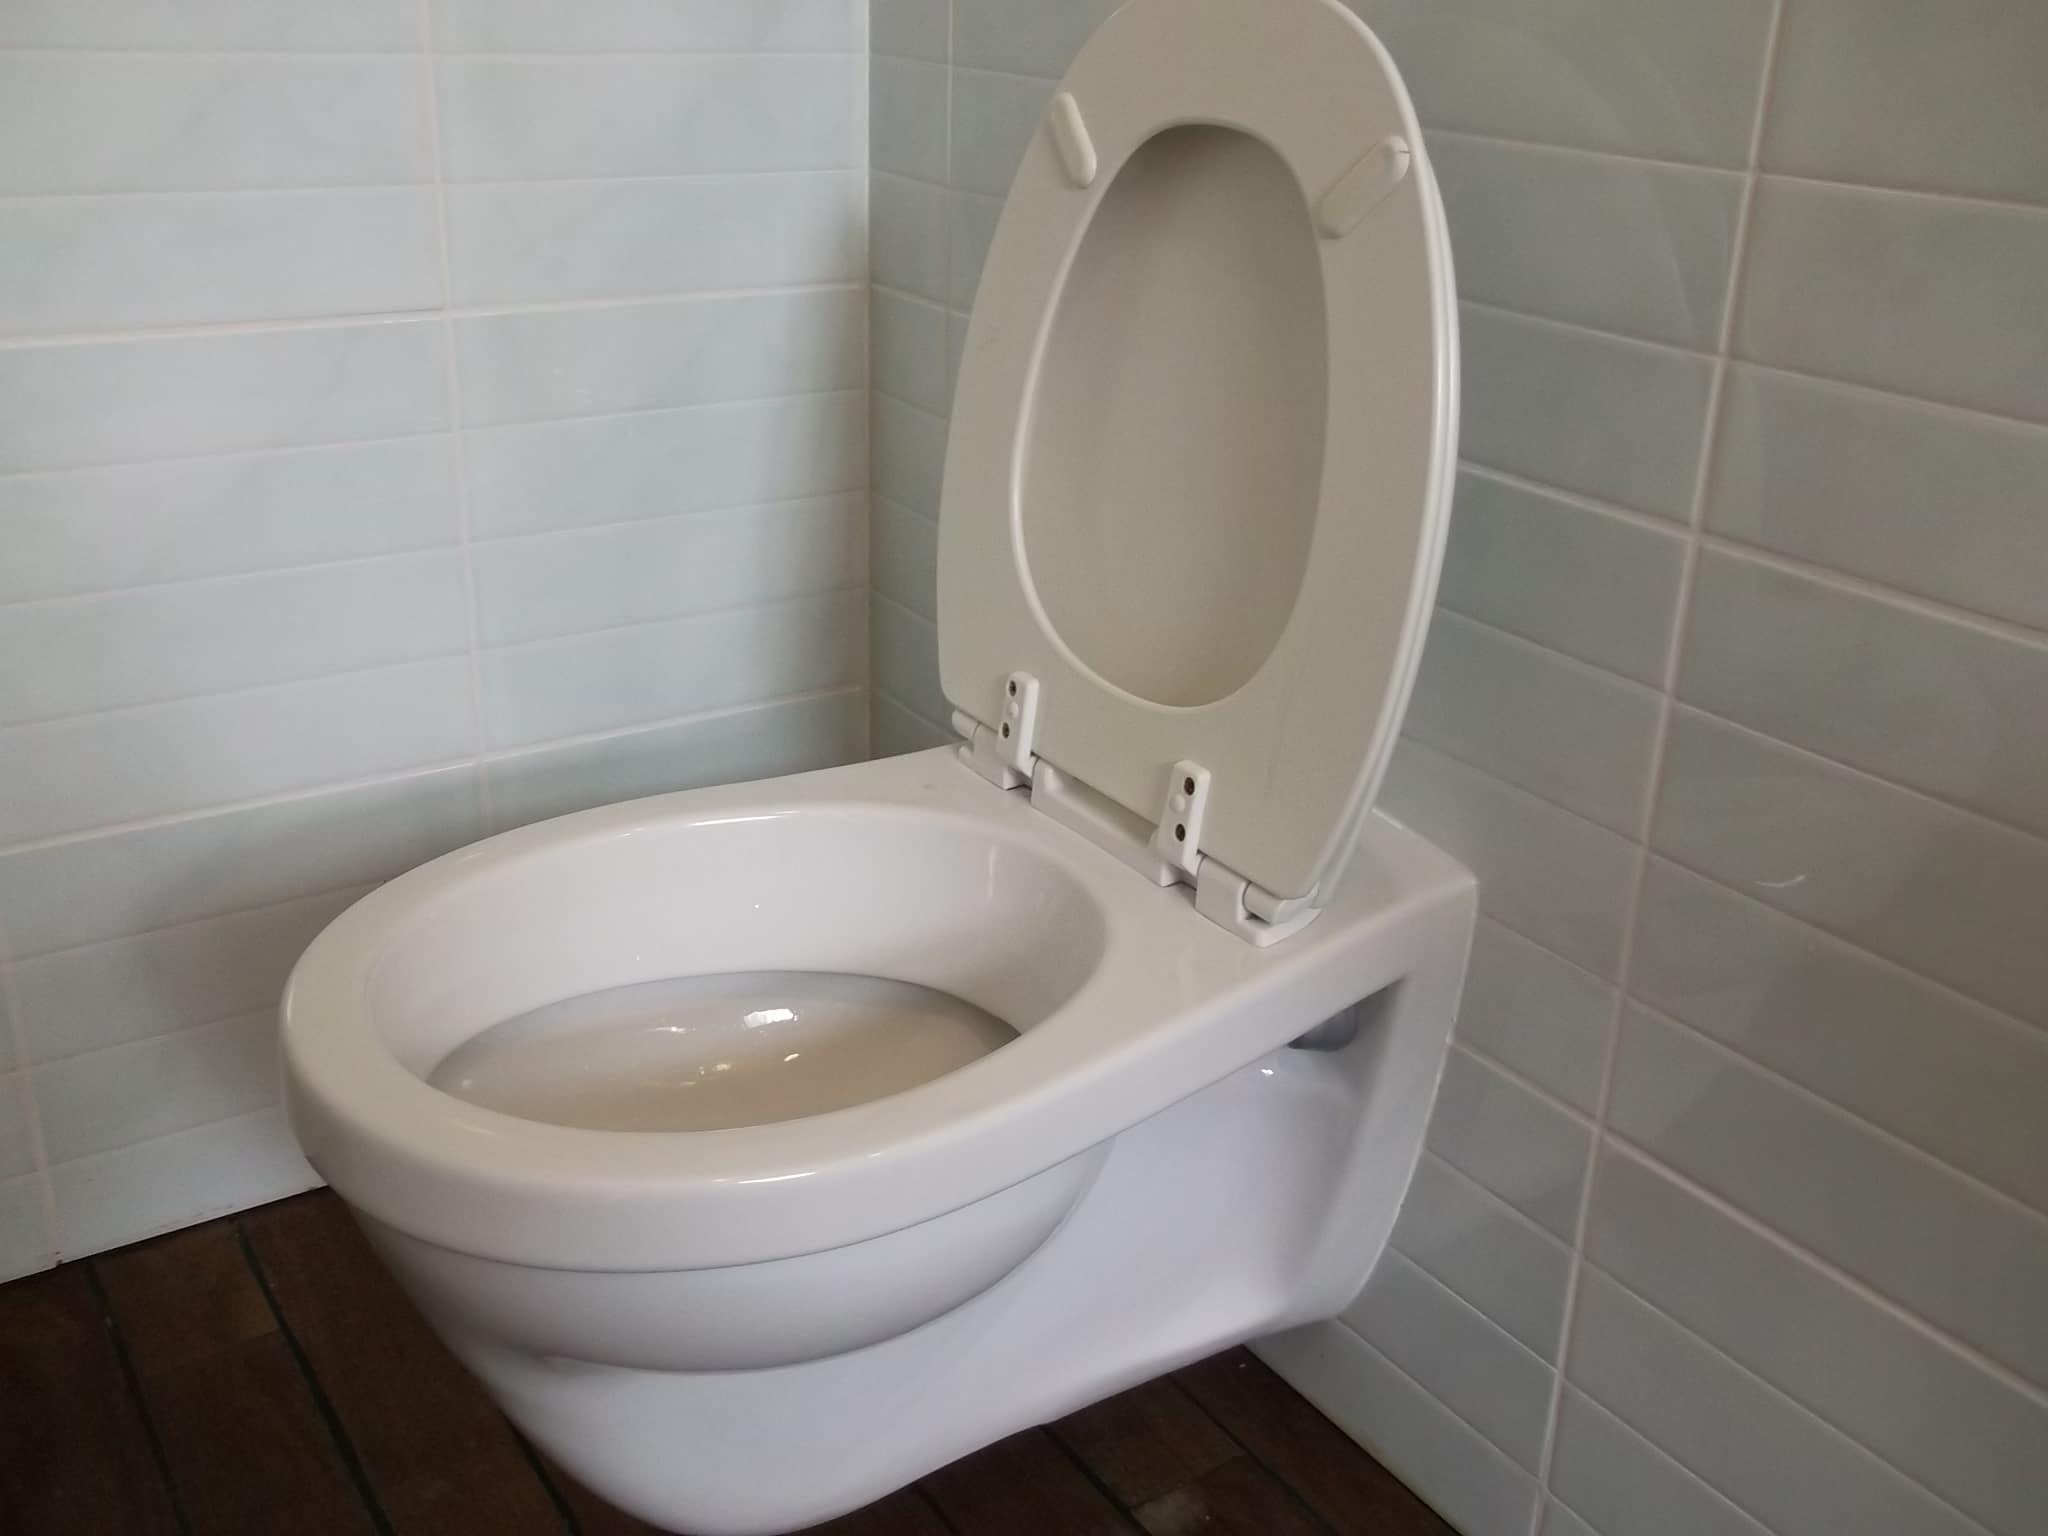 Falra szerelt wc csésze szerelése, javítása